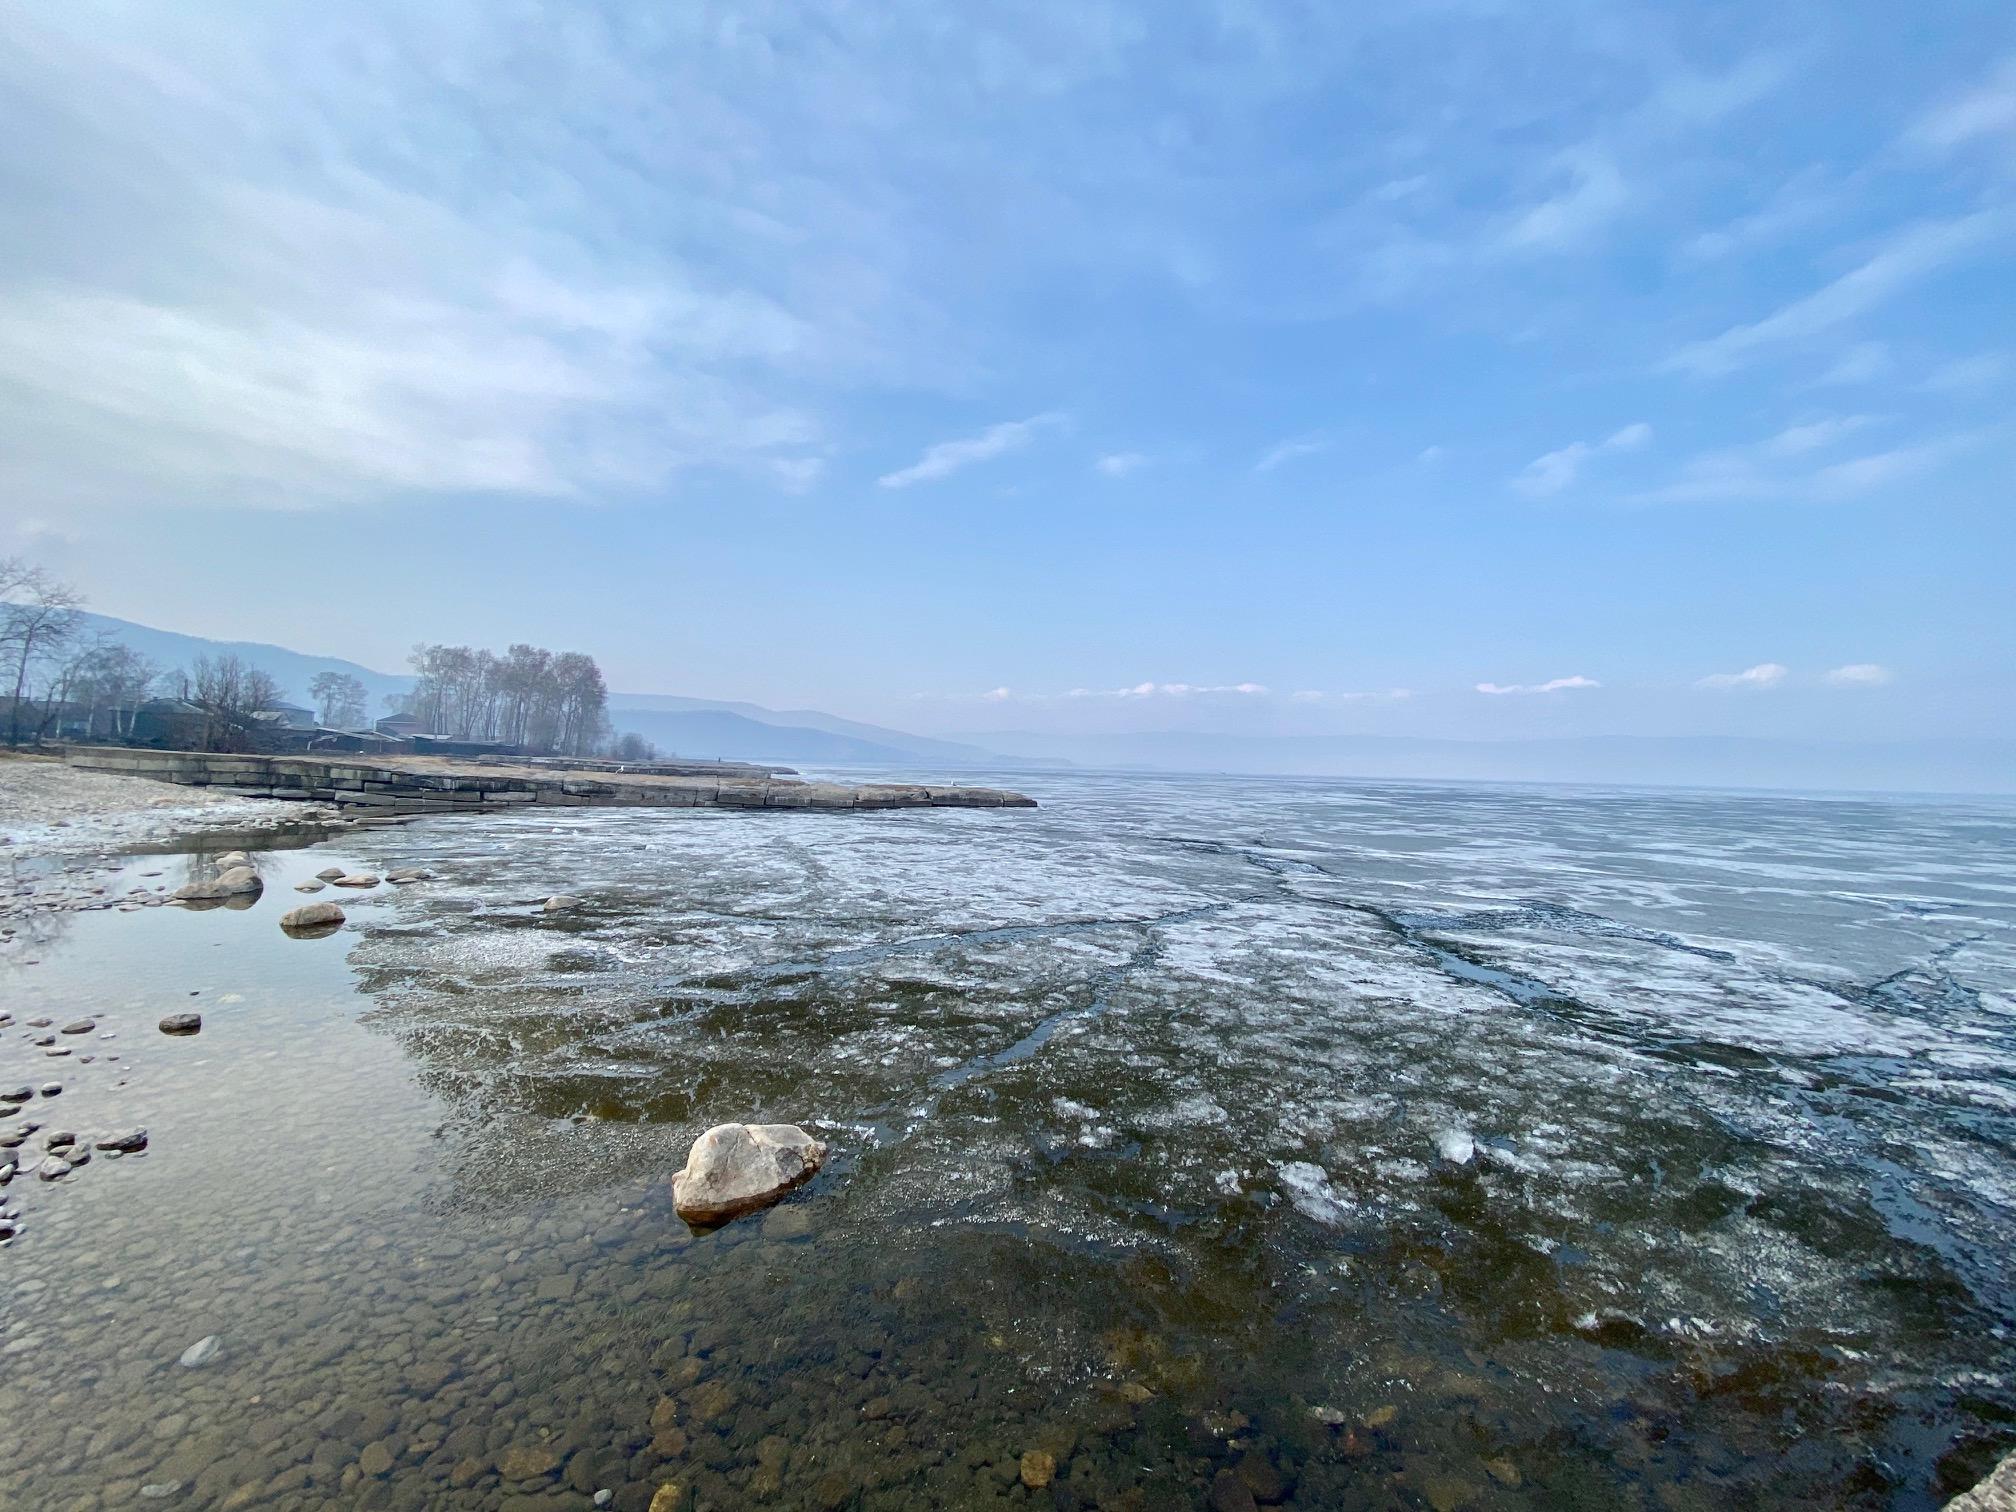 Онлайн-экскурсия: «Южная оконечность Байкала. Мыс Шаманский»